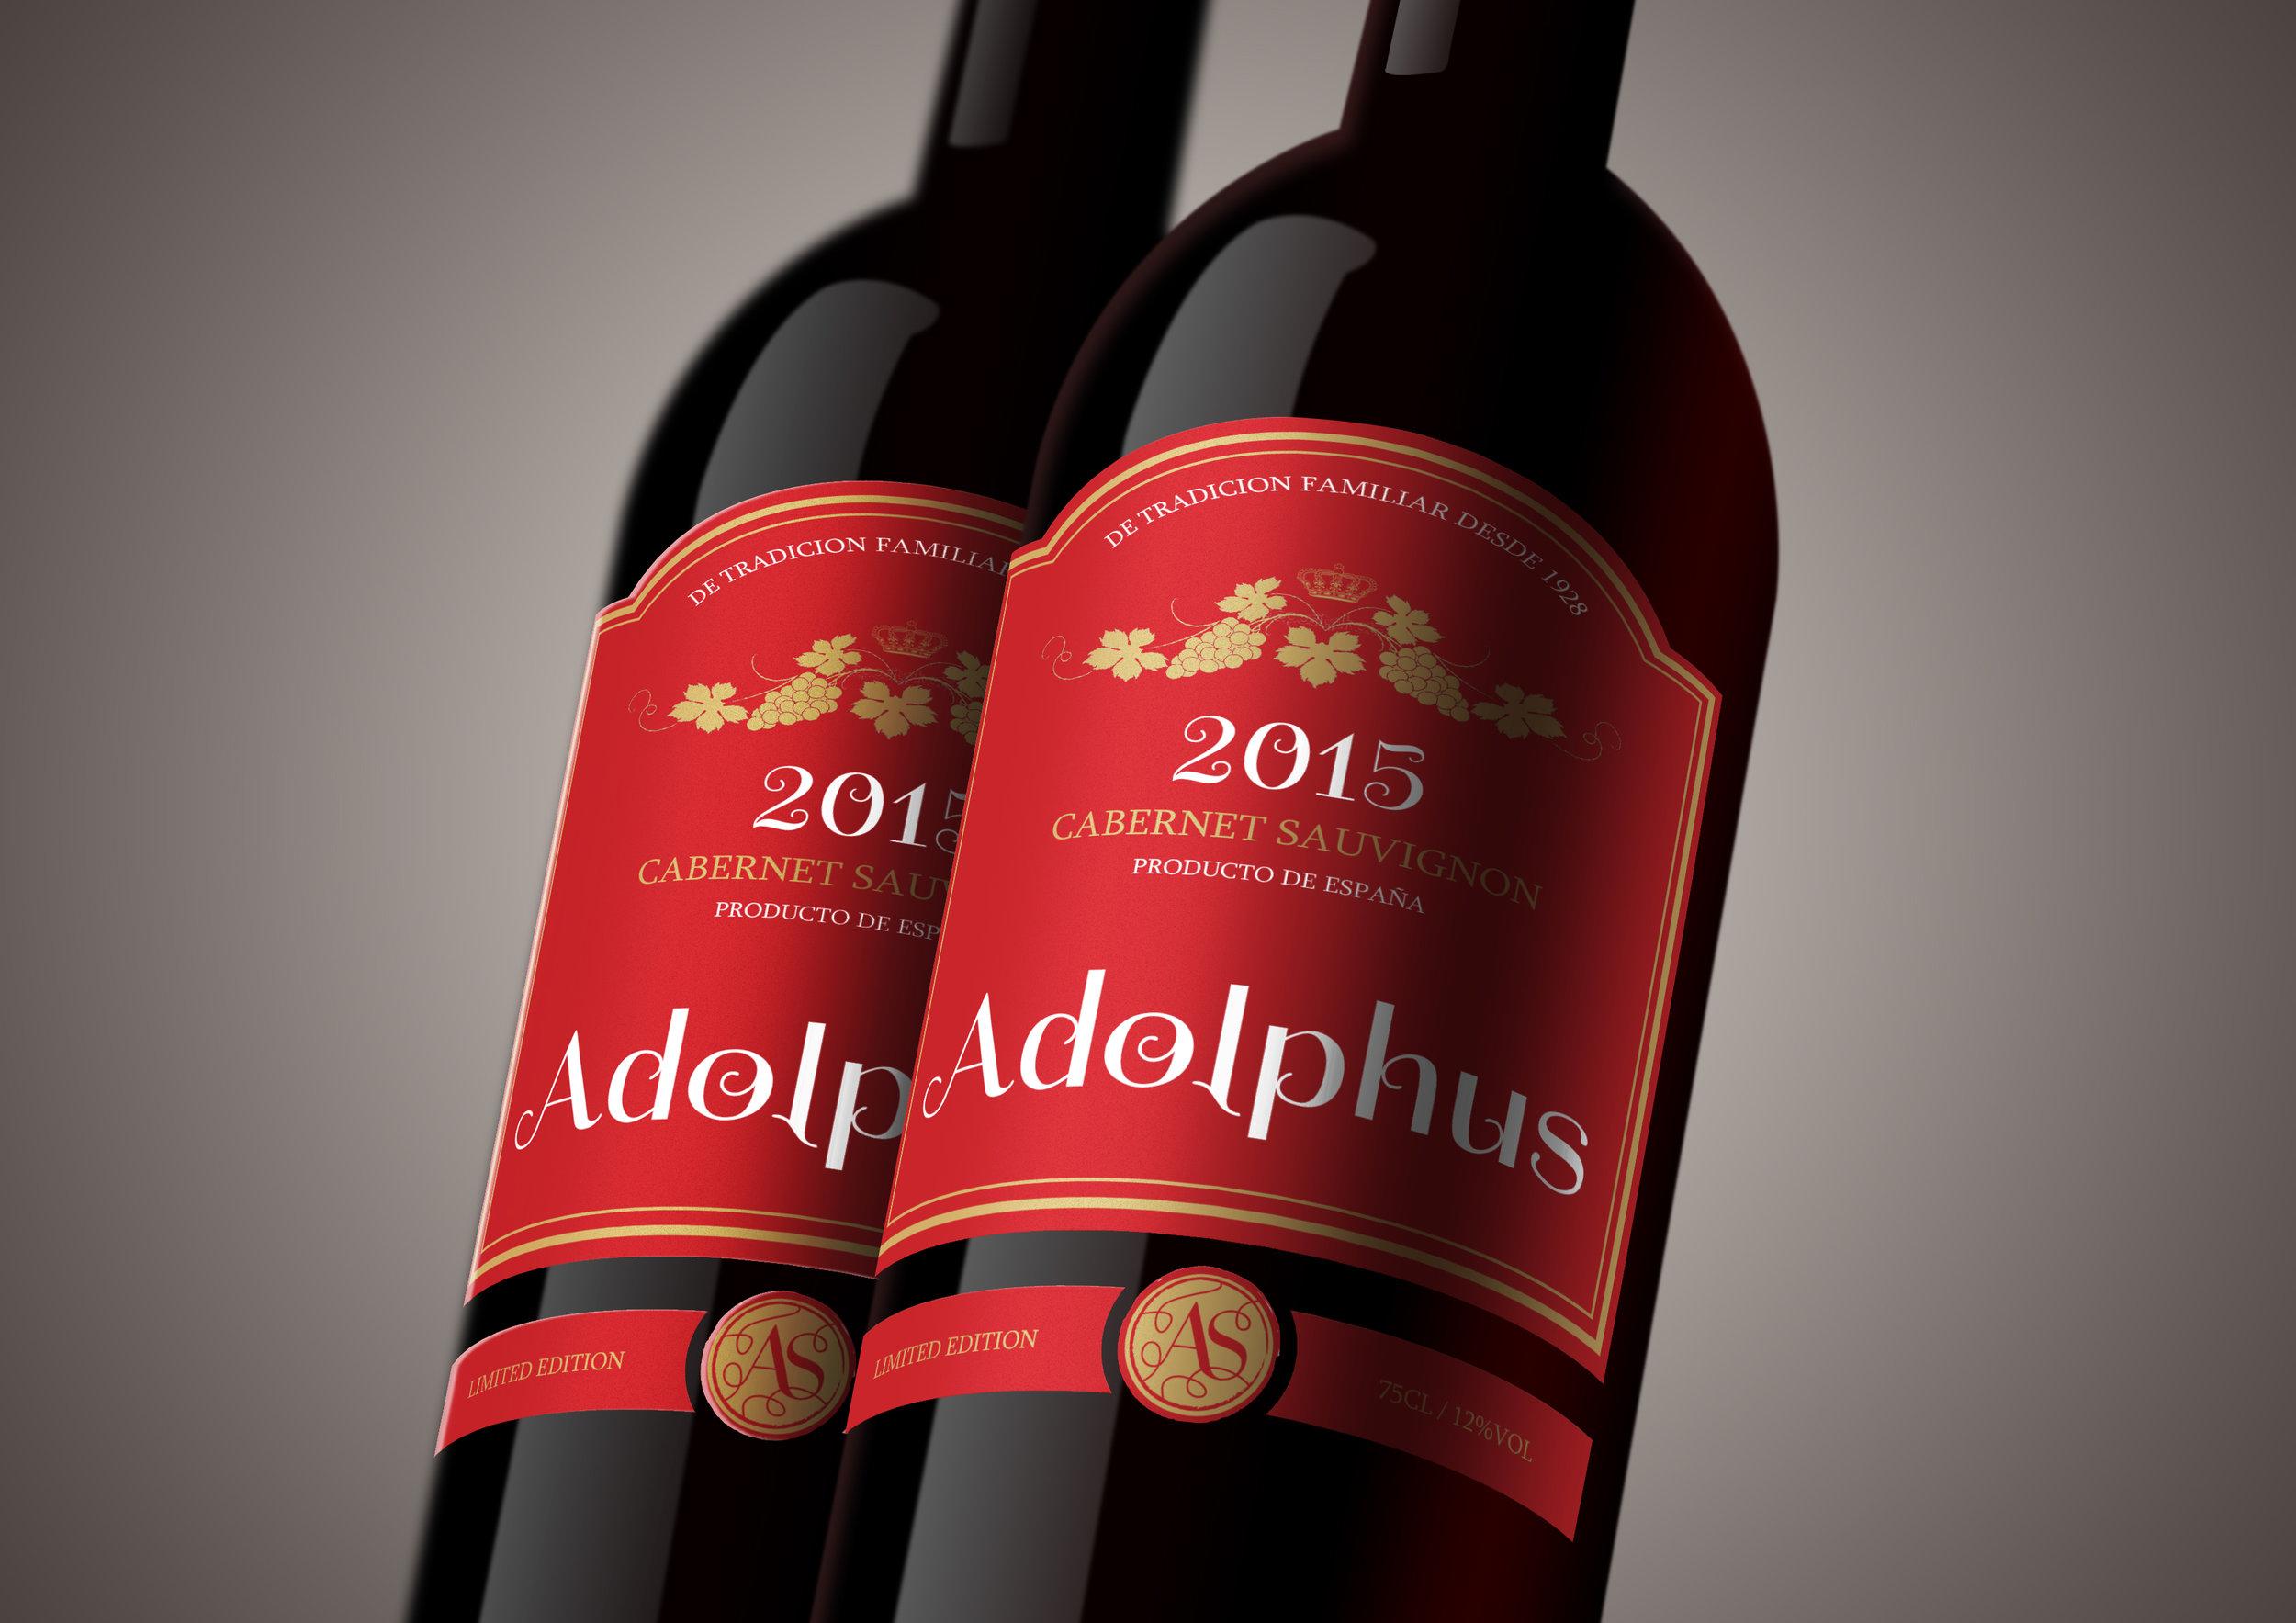 Adolphus Red bottle shot.jpg